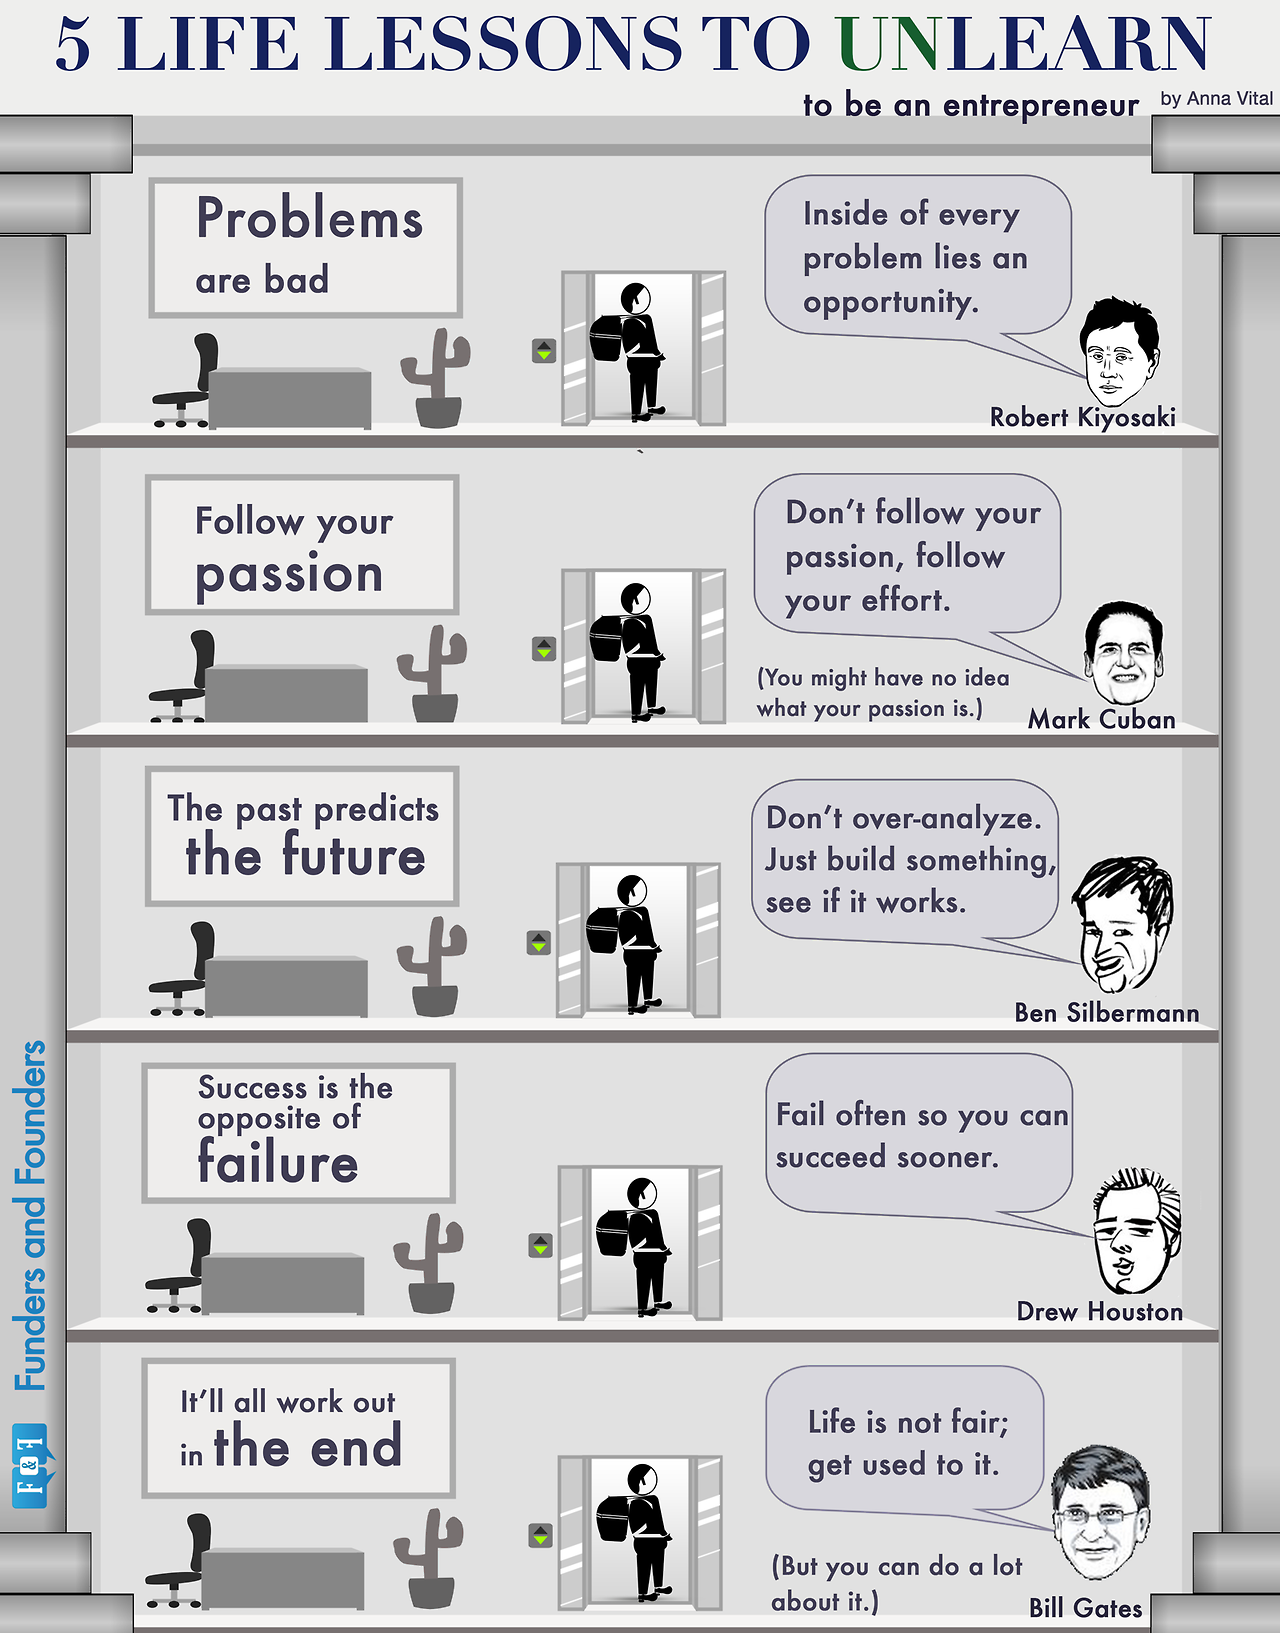 5 lecciones de vida que tienes que olvidar cuando te conviertes en emprendedor